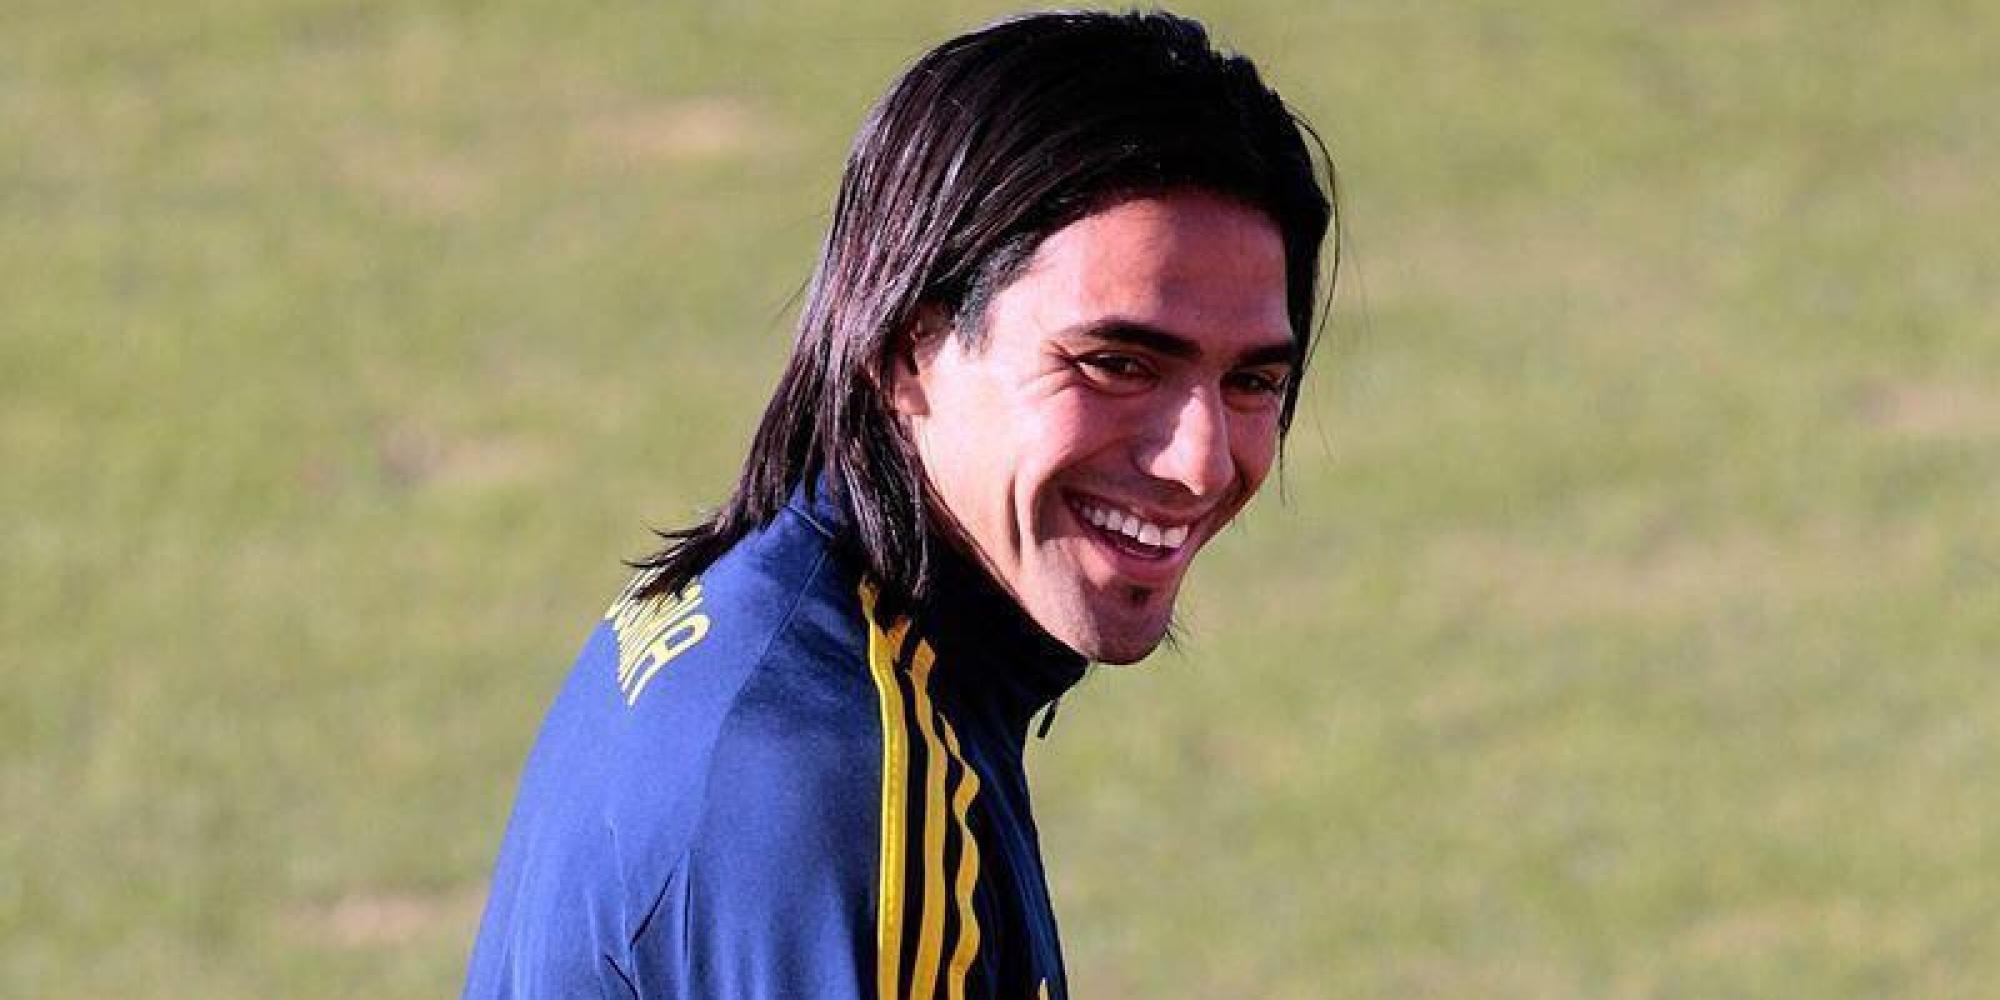 コロンビア代表から落選したファルカオ、笑顔の理由が男前すぎる シェア  コロンビア代表から落選し